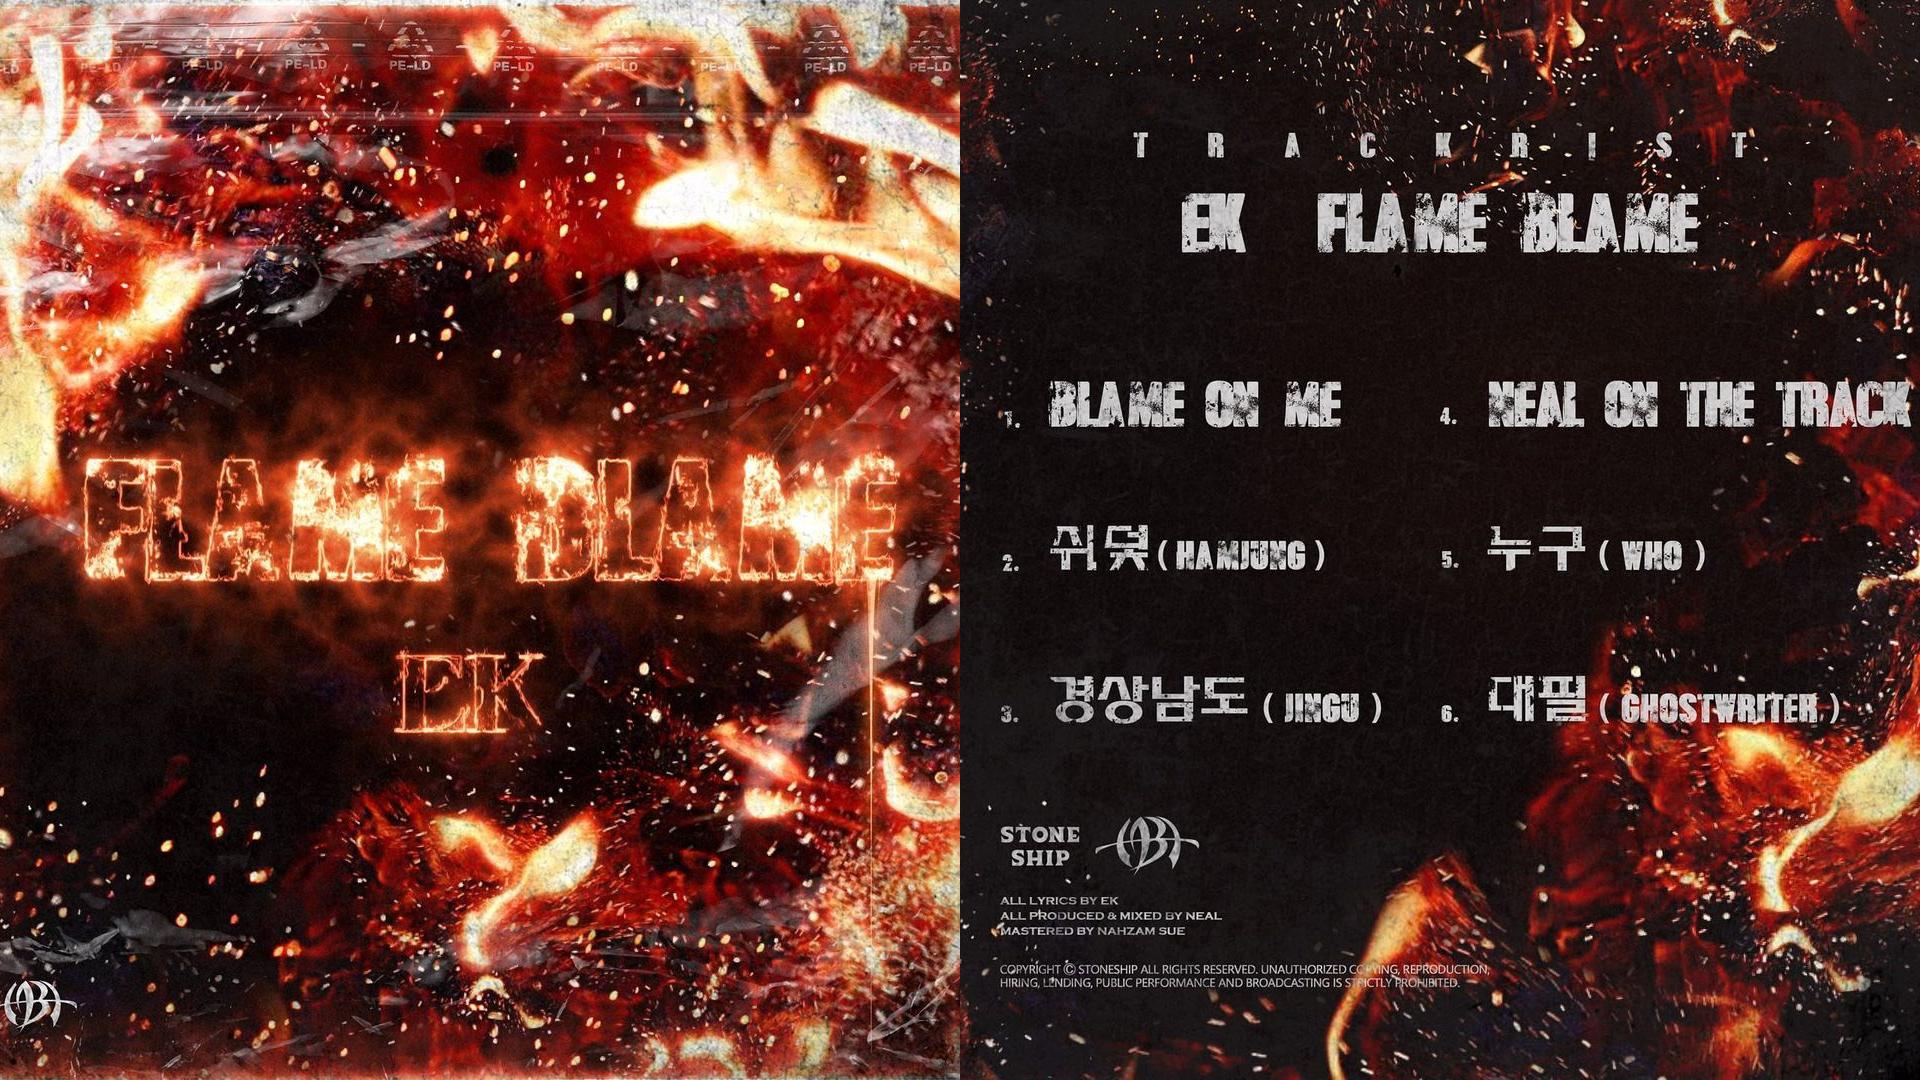 EK Flame Blame